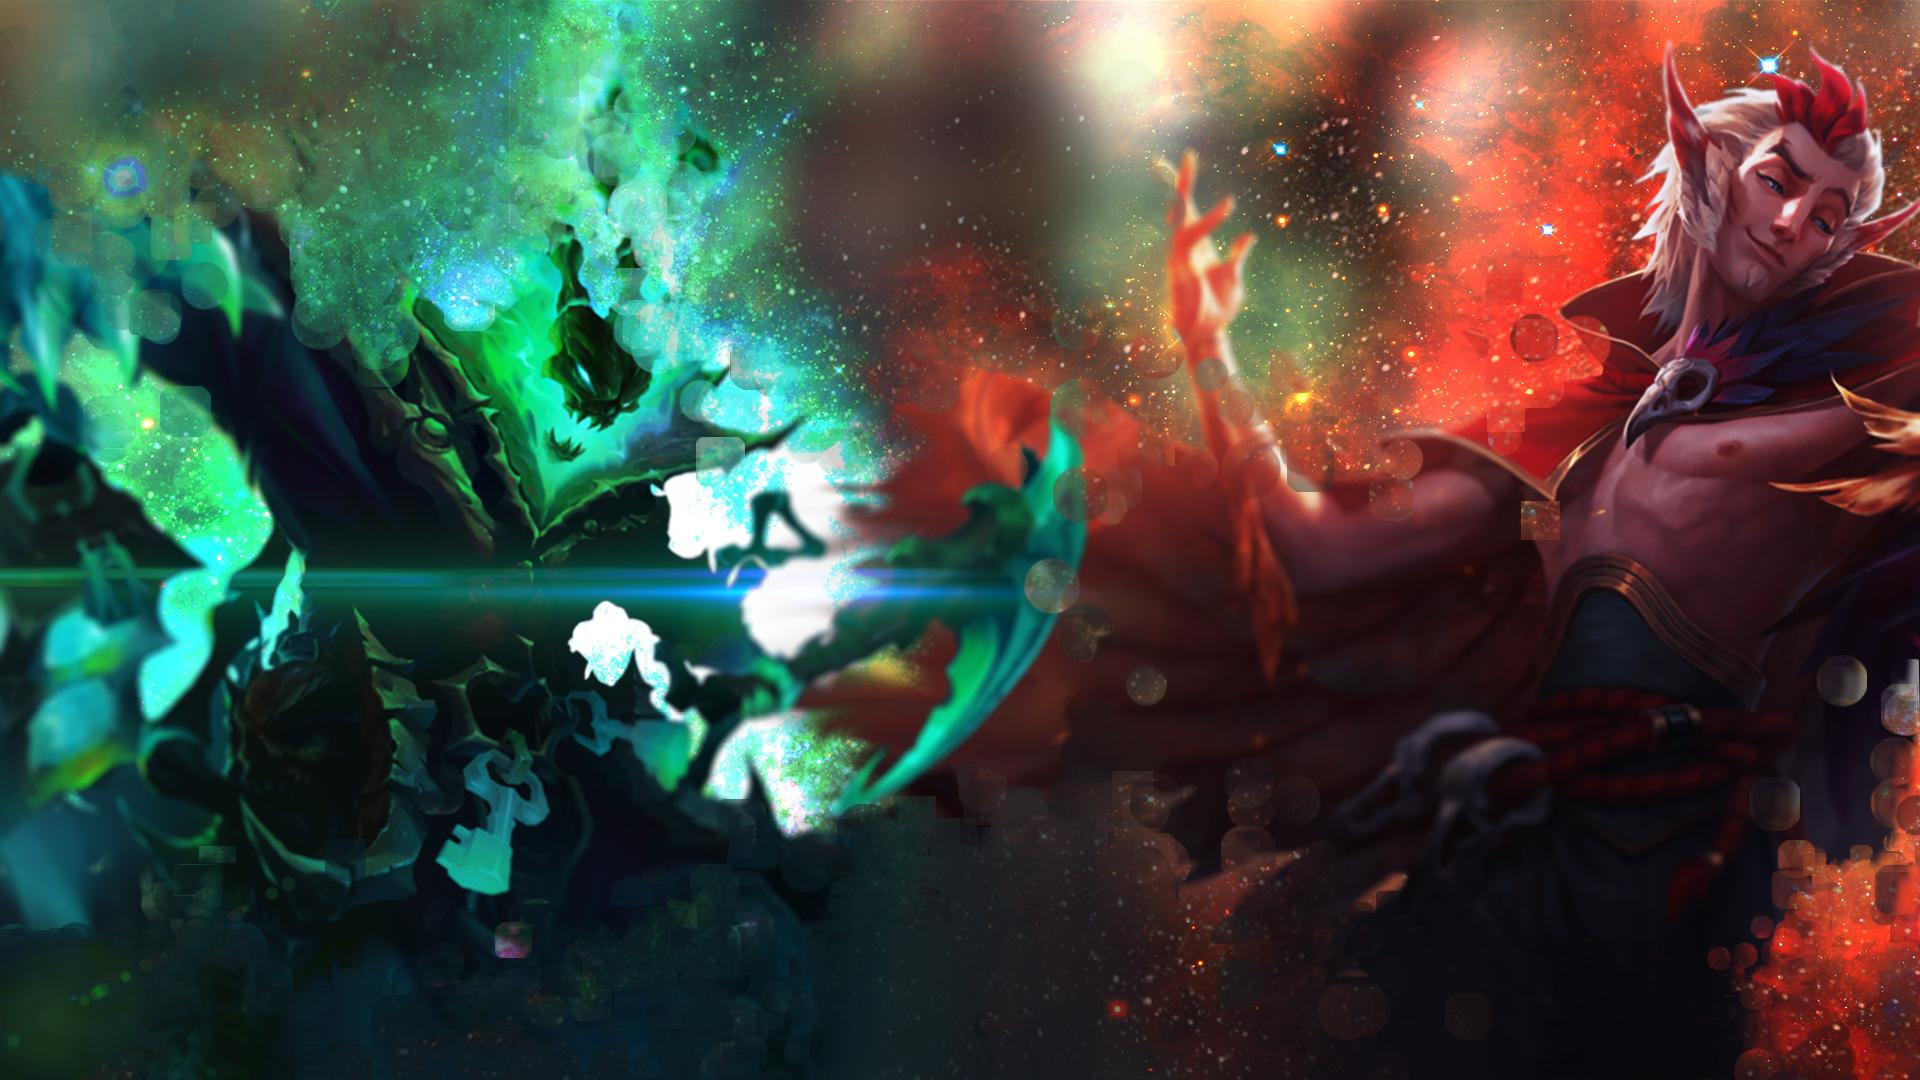 Thresh Rakan Wallpaper Thresh Rakan 204985 Hd Wallpaper